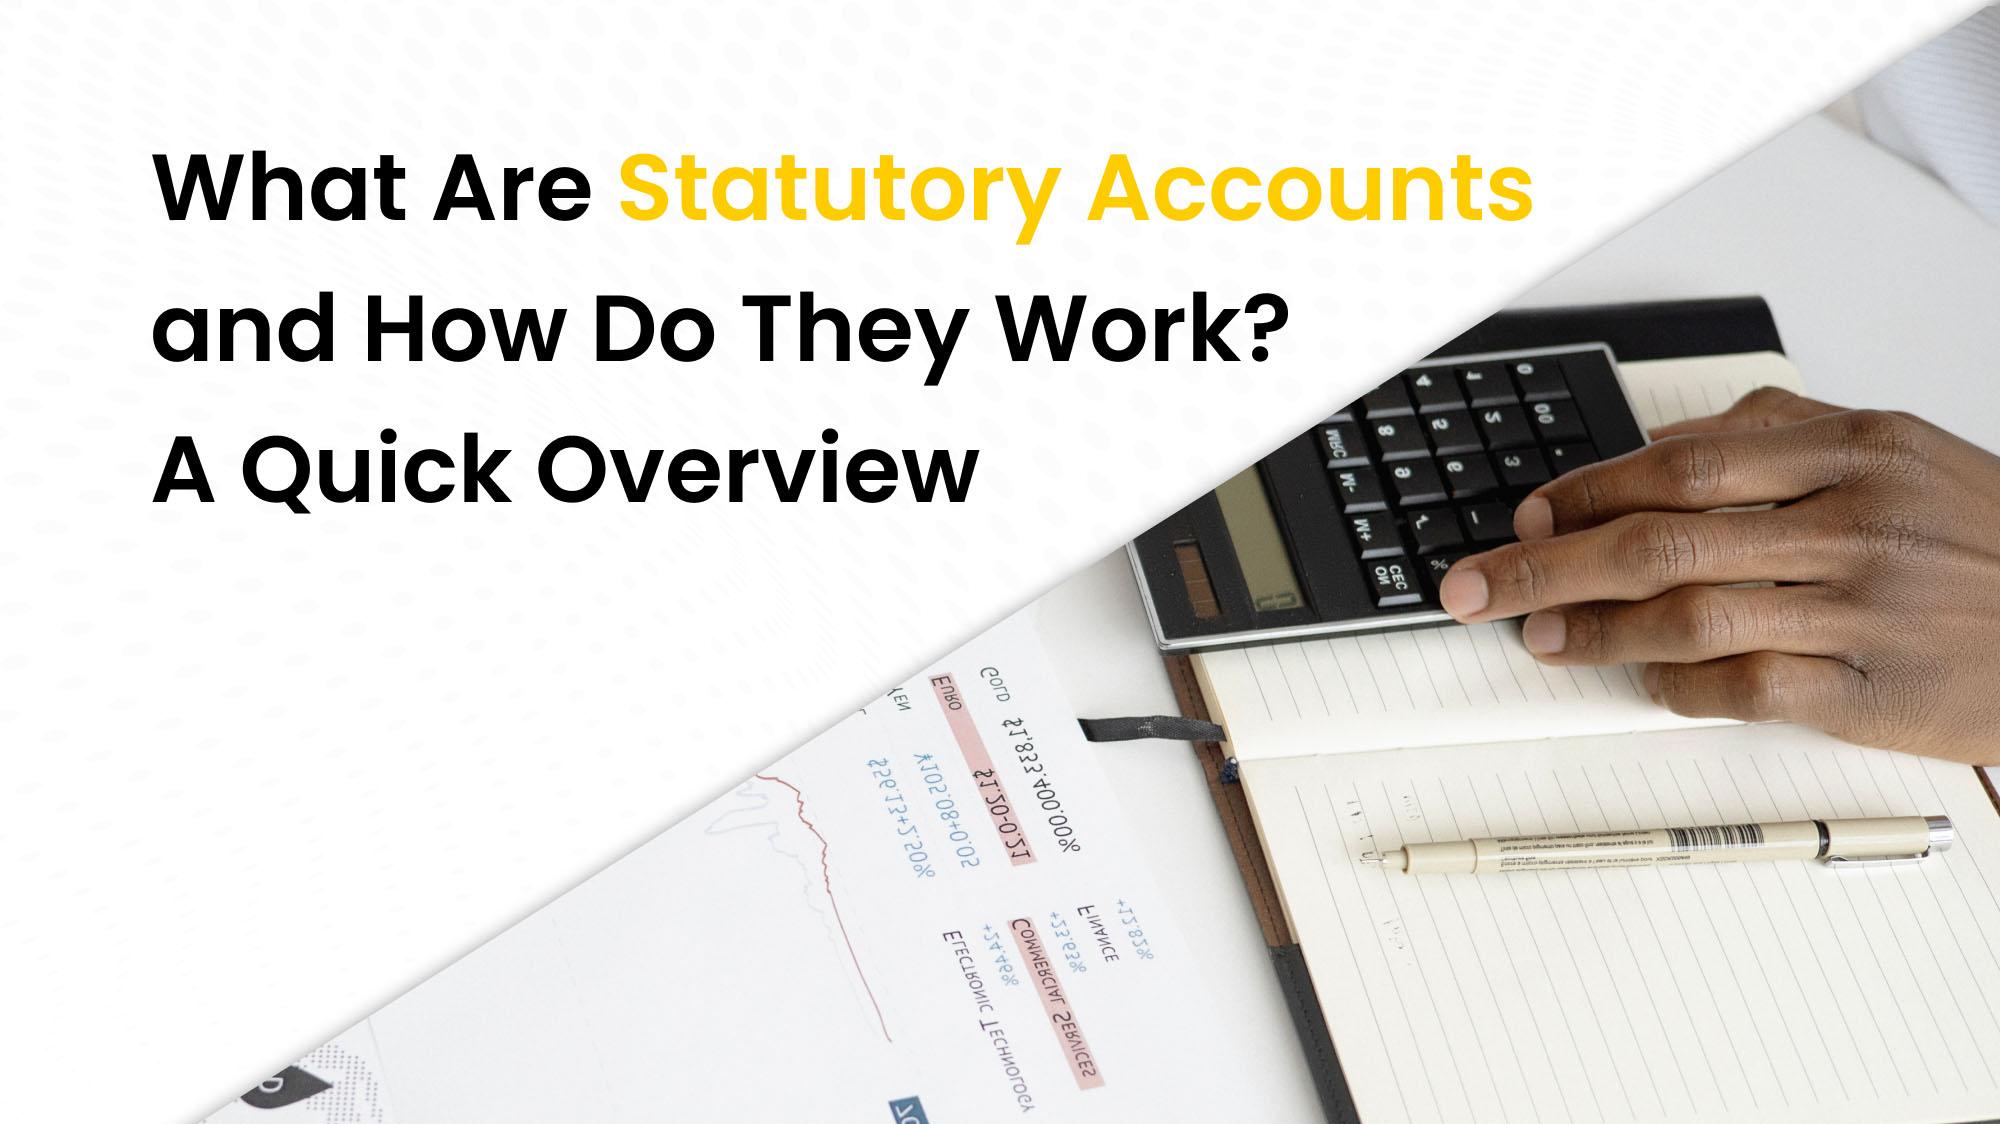 Statutory Accounts